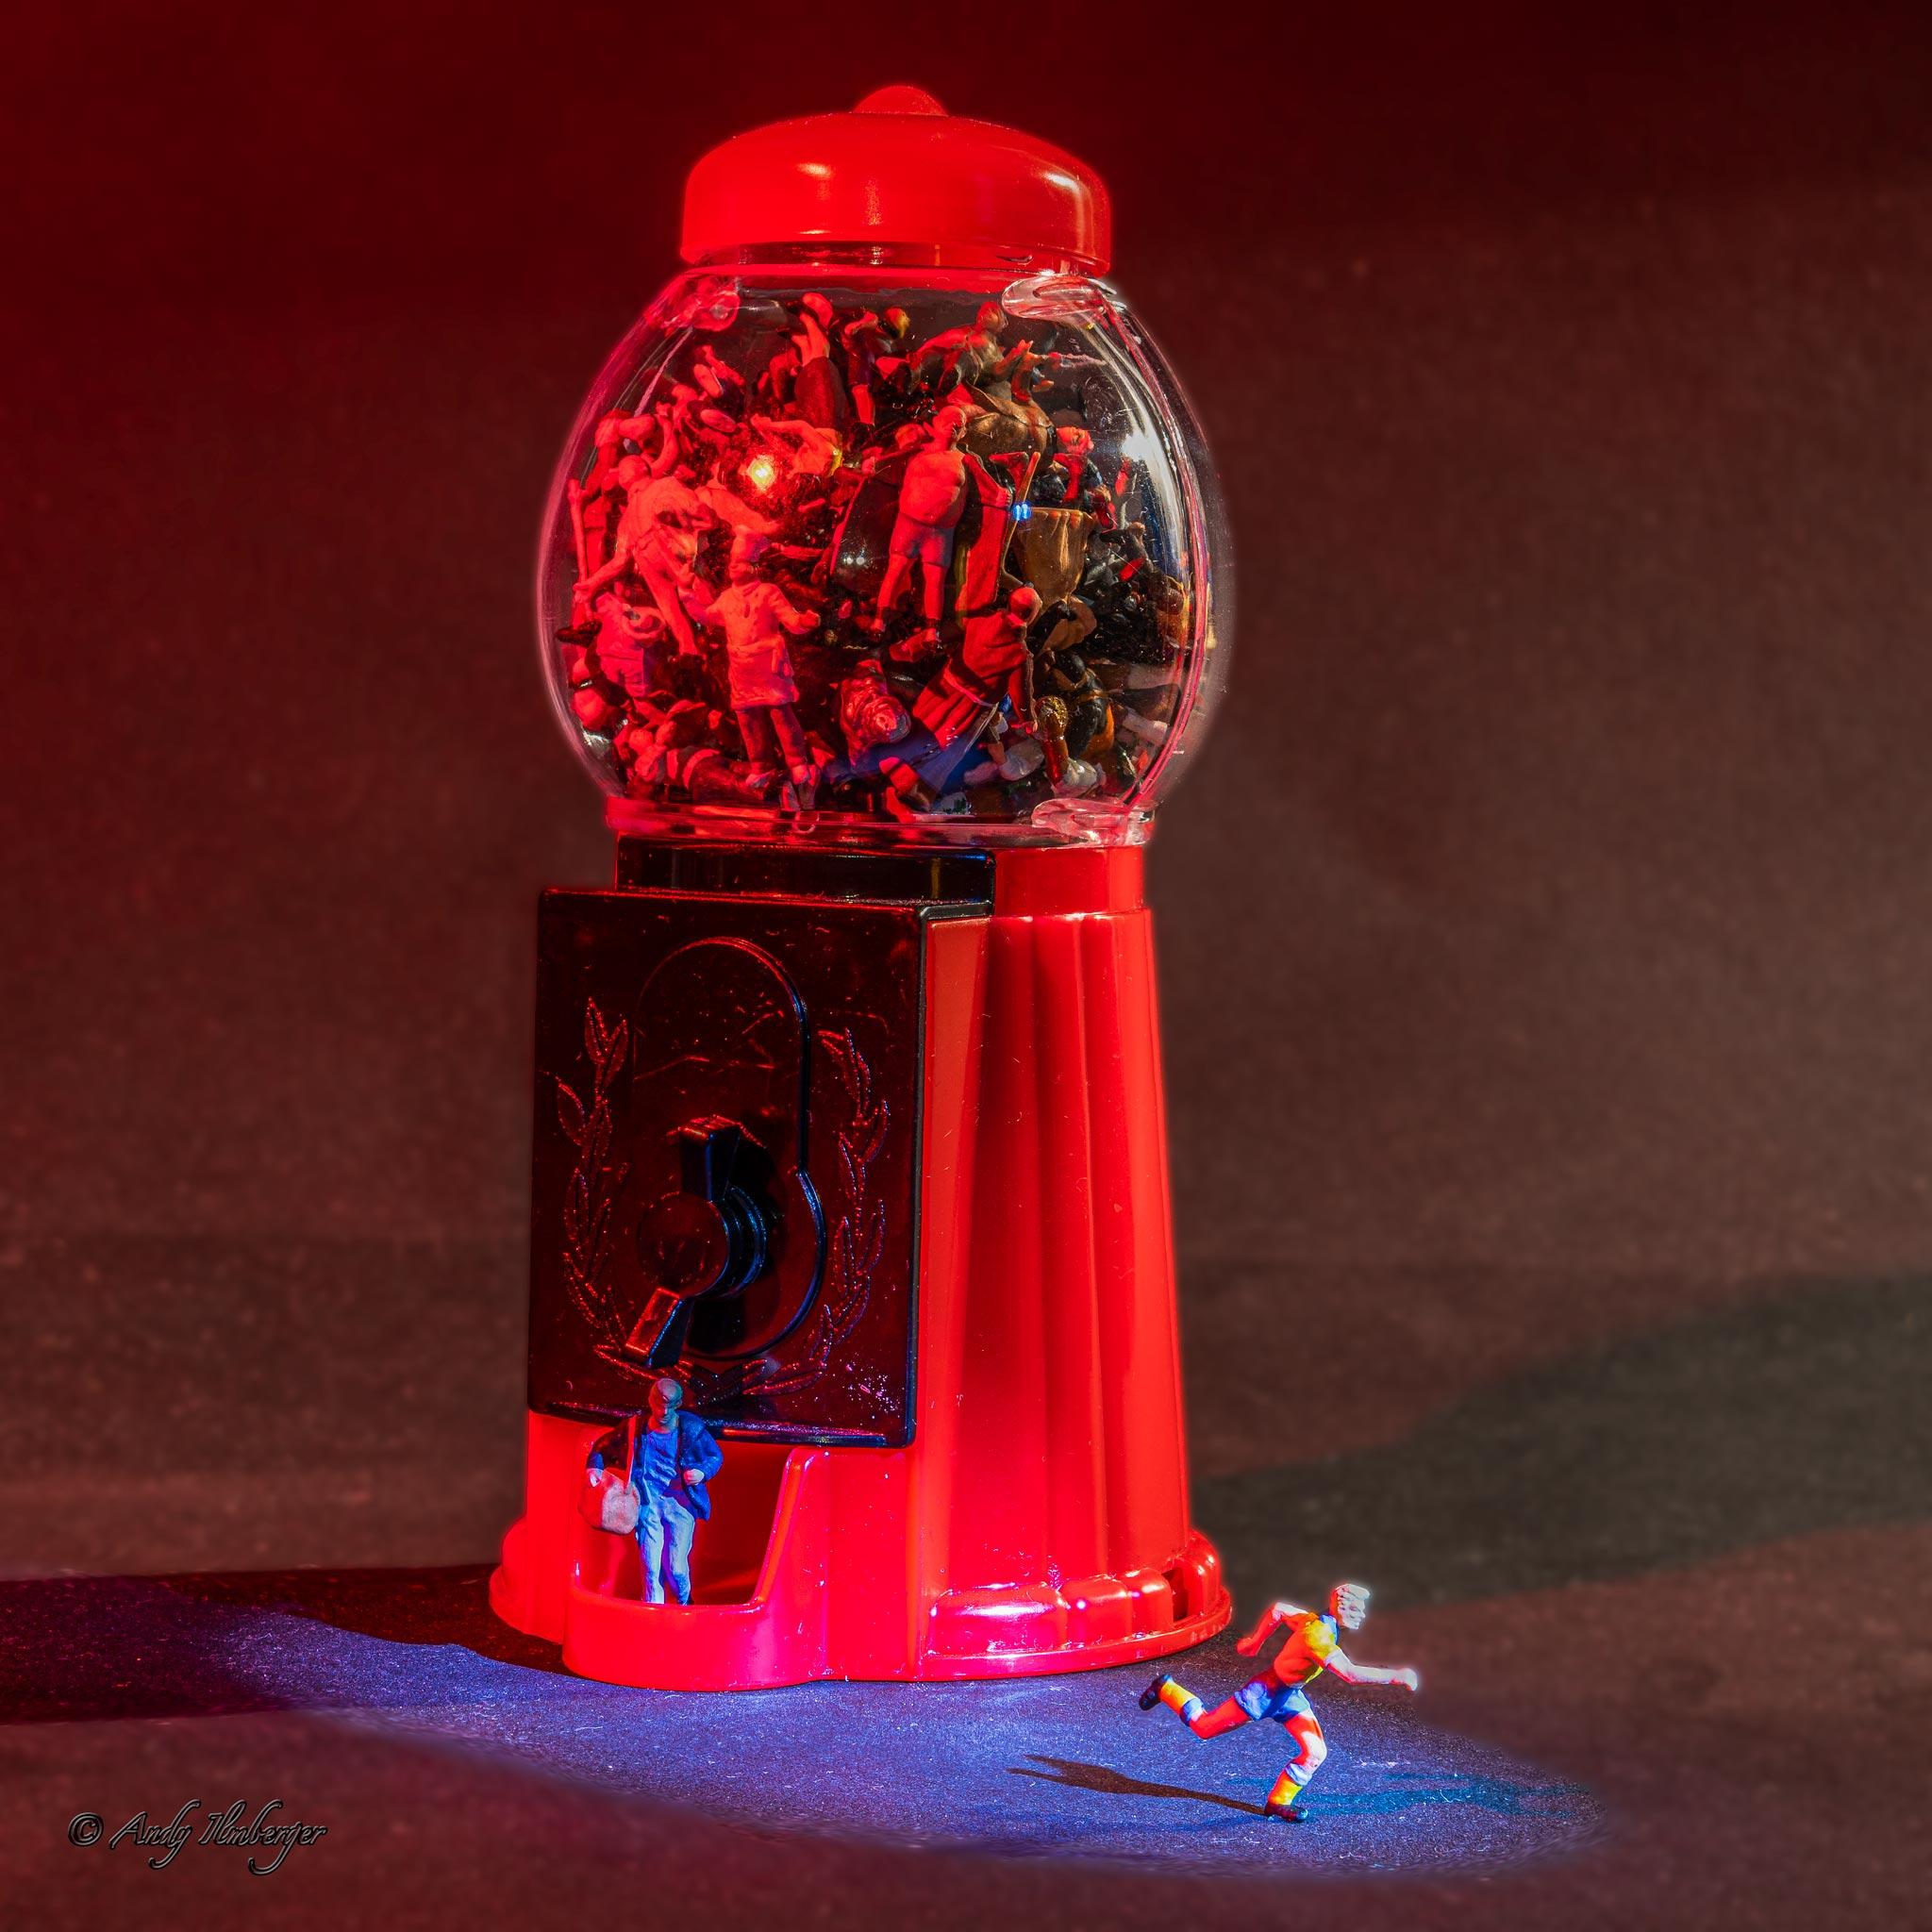 H0-Helden - Kaugummiautomat - H0-Figuren in Szene gesetzt von © Andy Ilmberger im Kleine-Helden.Club